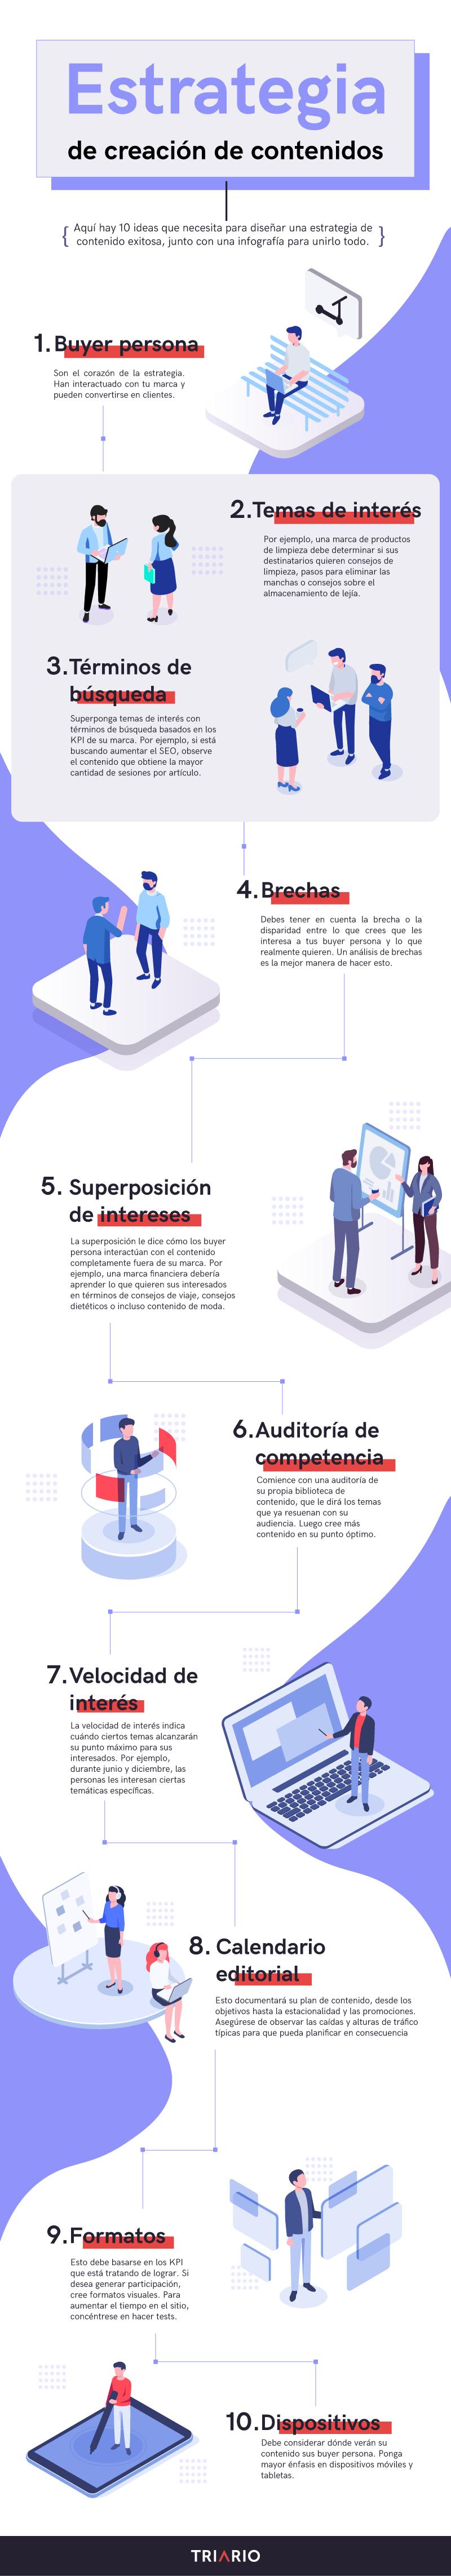 infografía estrategia de contenidos